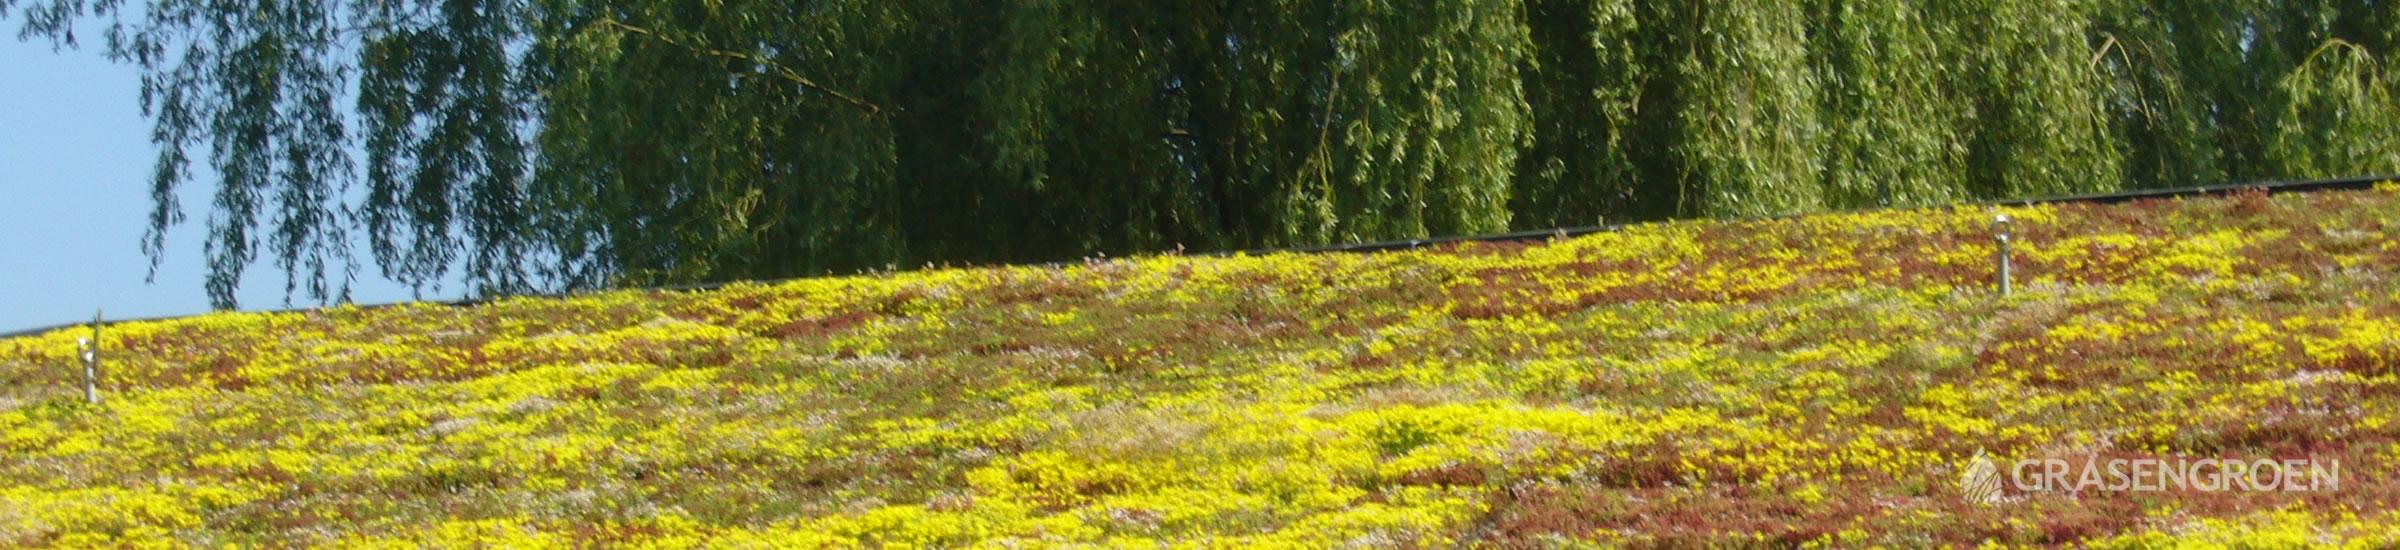 Groendakonderhouden • Gras en Groen Winkel